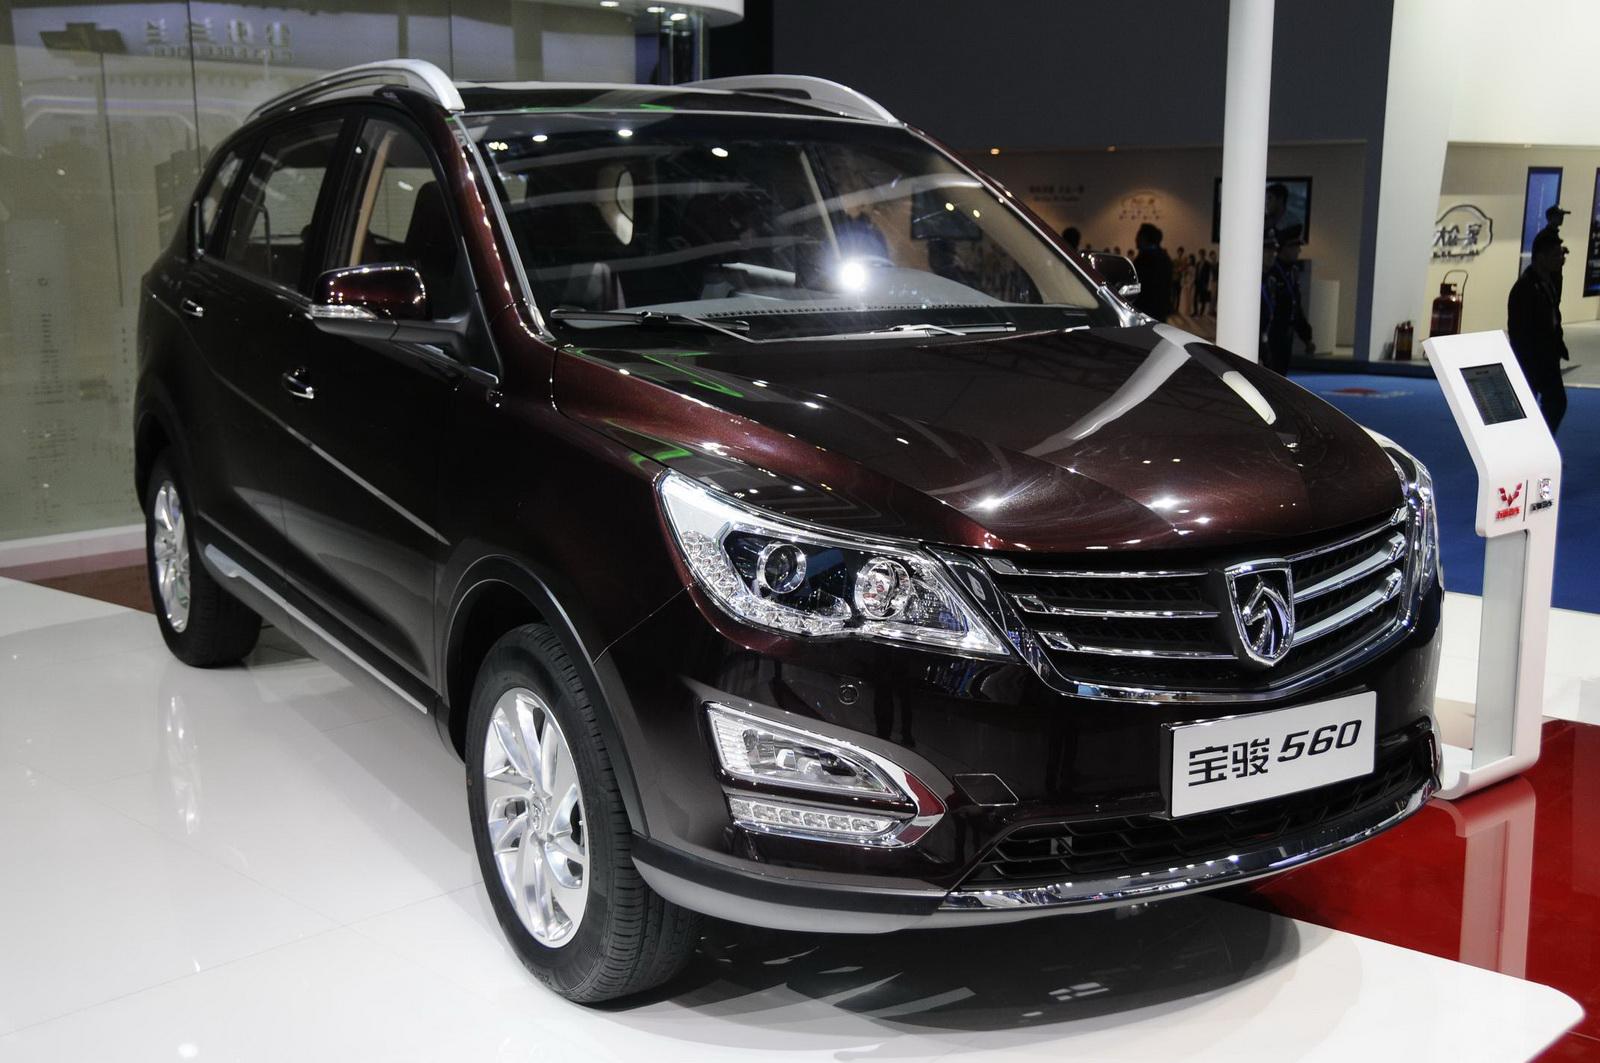 Baojun 560